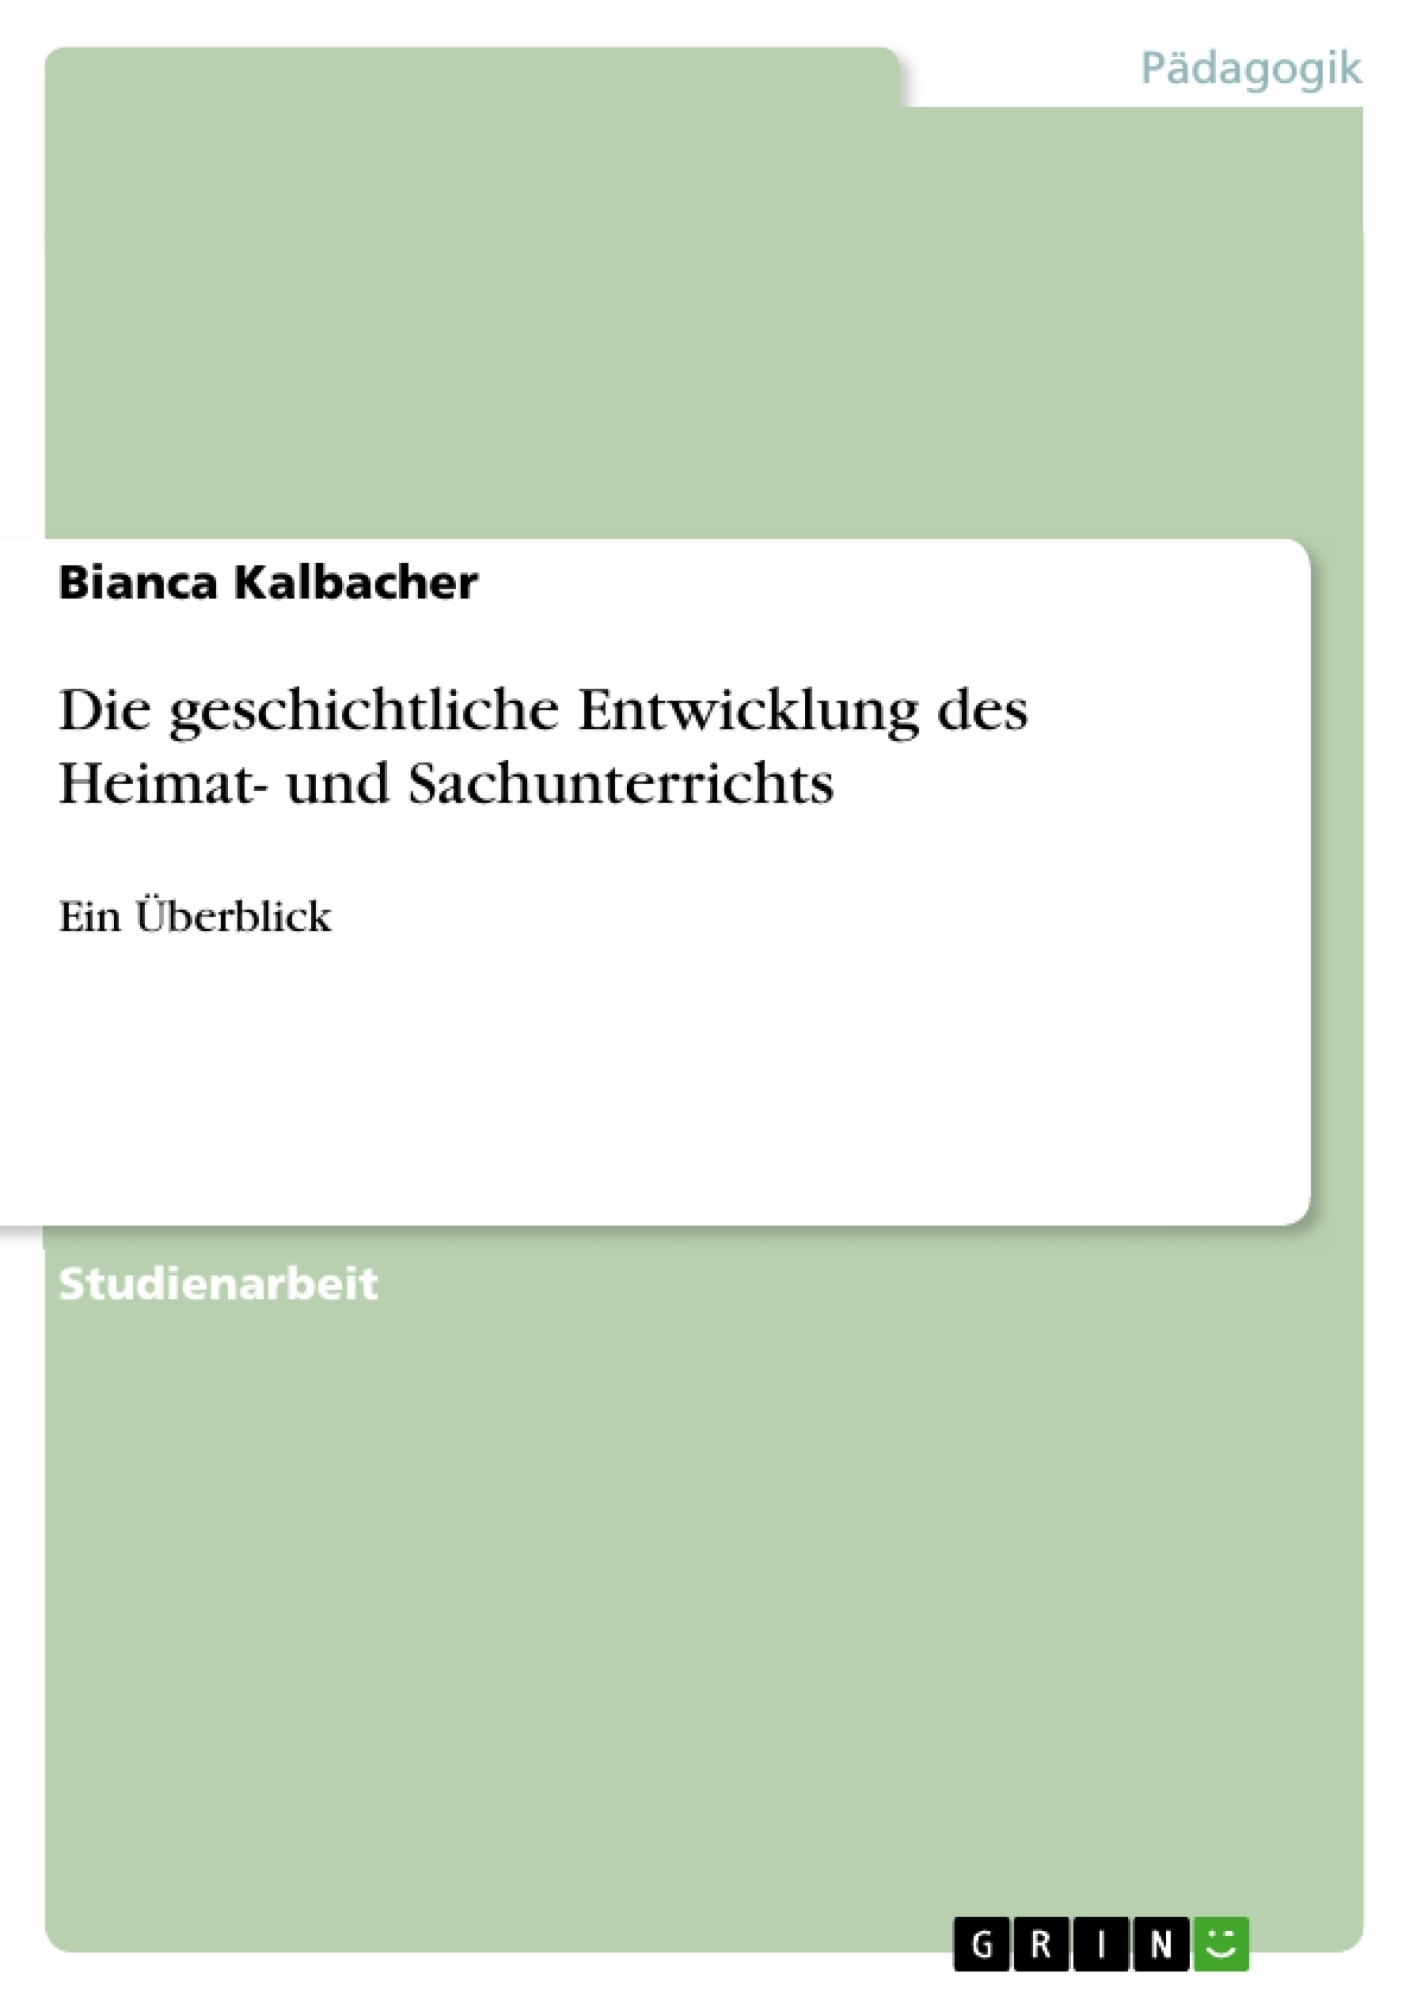 Titel: Die geschichtliche Entwicklung des Heimat- und Sachunterrichts